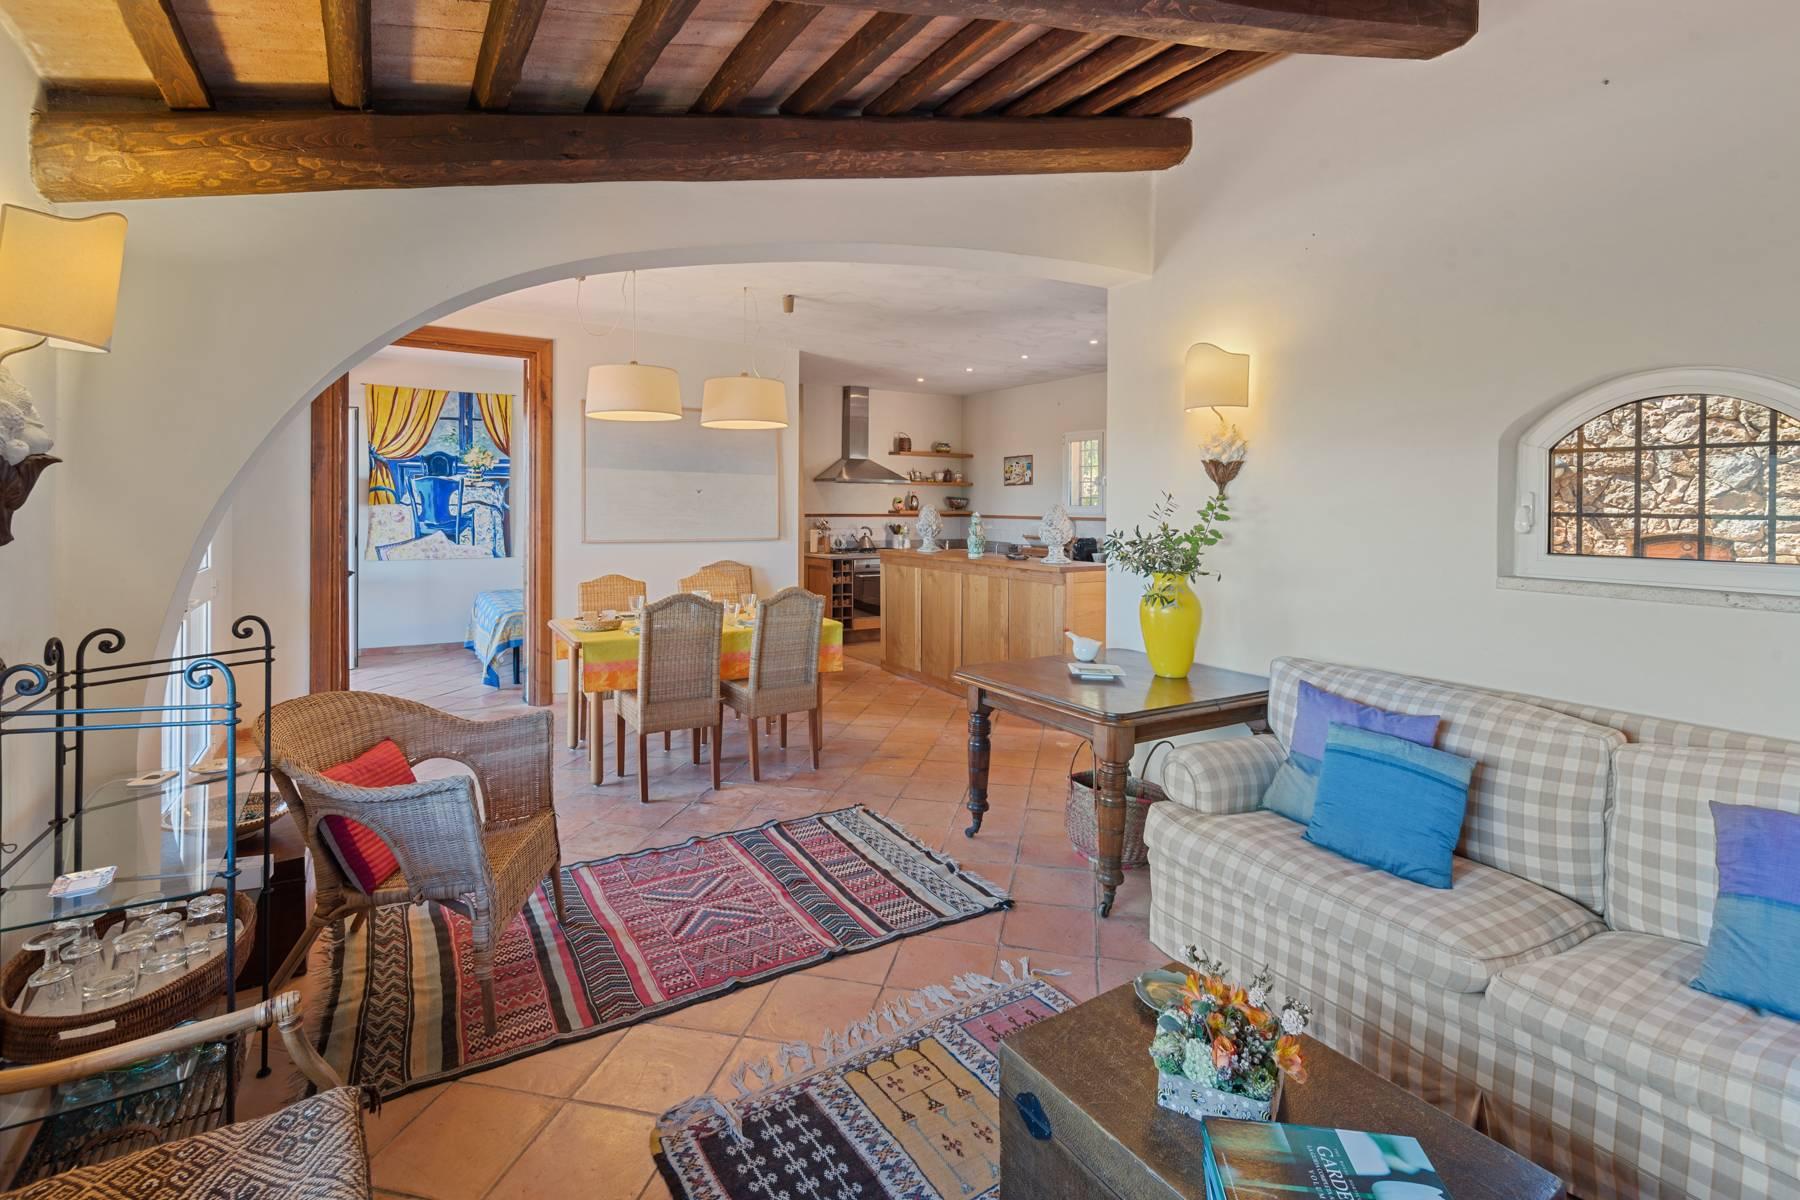 Villa in Vendita a Monte Argentario: 5 locali, 124 mq - Foto 8